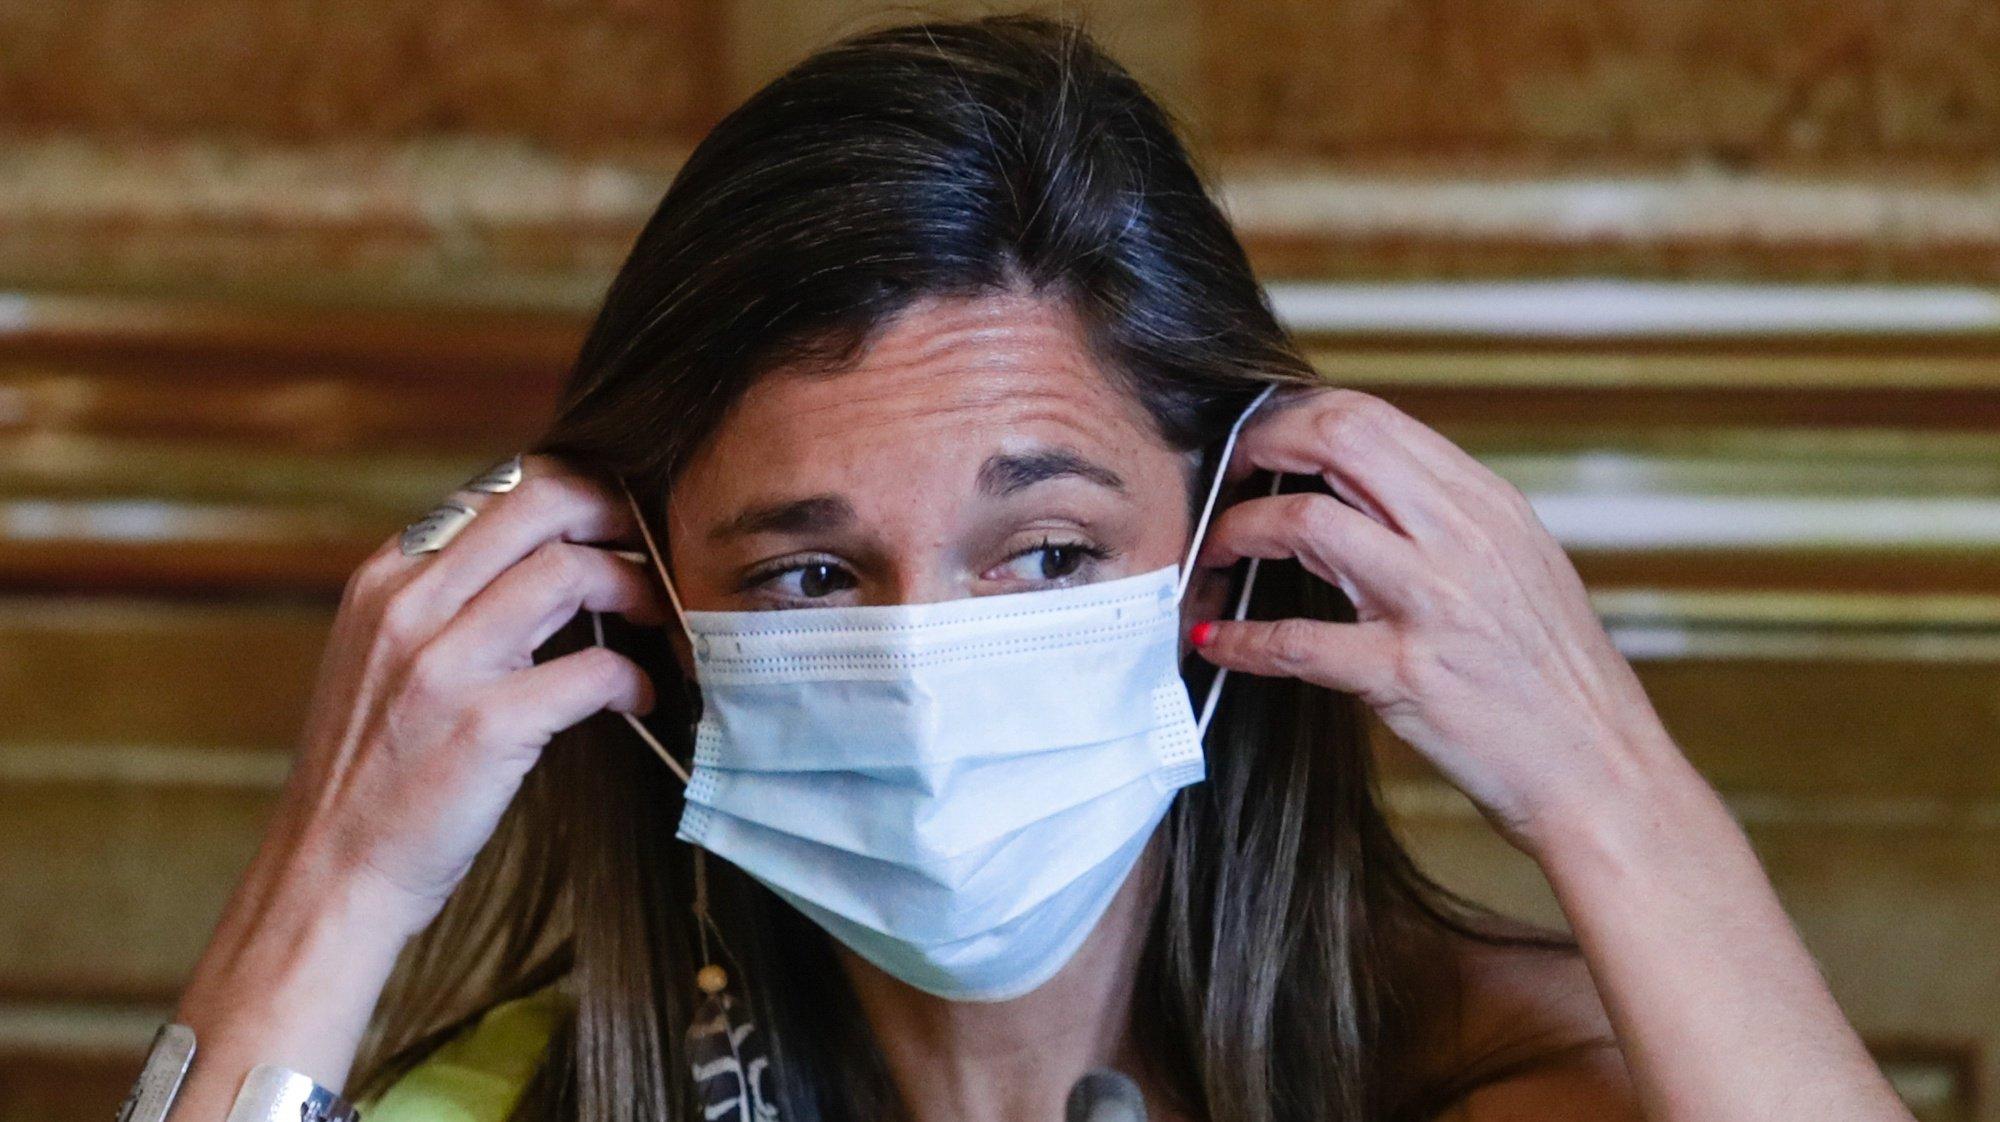 A bastonária da Ordem dos Enfermeiros, Ana Rita Cavaco, fala perante a Comissão de Saúde, na Assembleia da República em Lisboa, 27 de maio de 2020. TIAGO PETINGA/LUSA